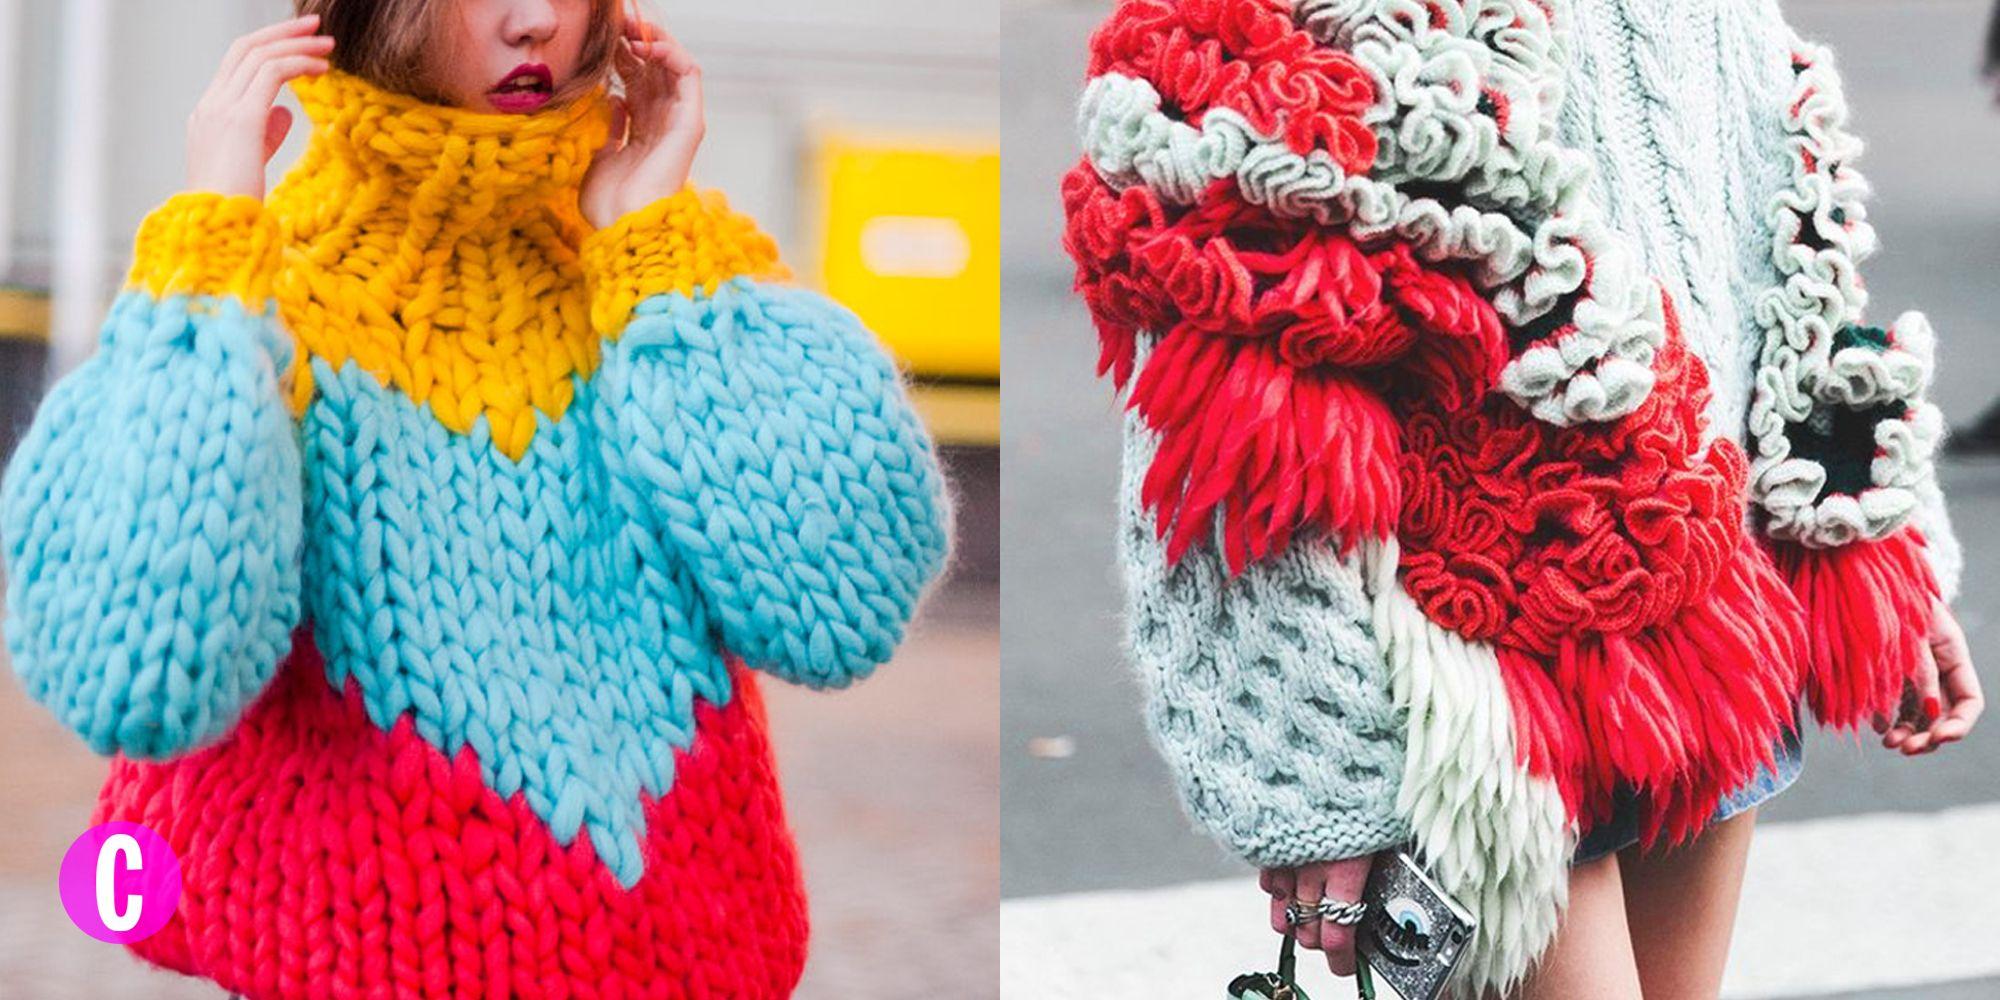 Sfida l'inverno con i maglioni in lana grossa oversize, sono caldi come l'abbraccio di un teddy bear e li indossi anche senza giacca.